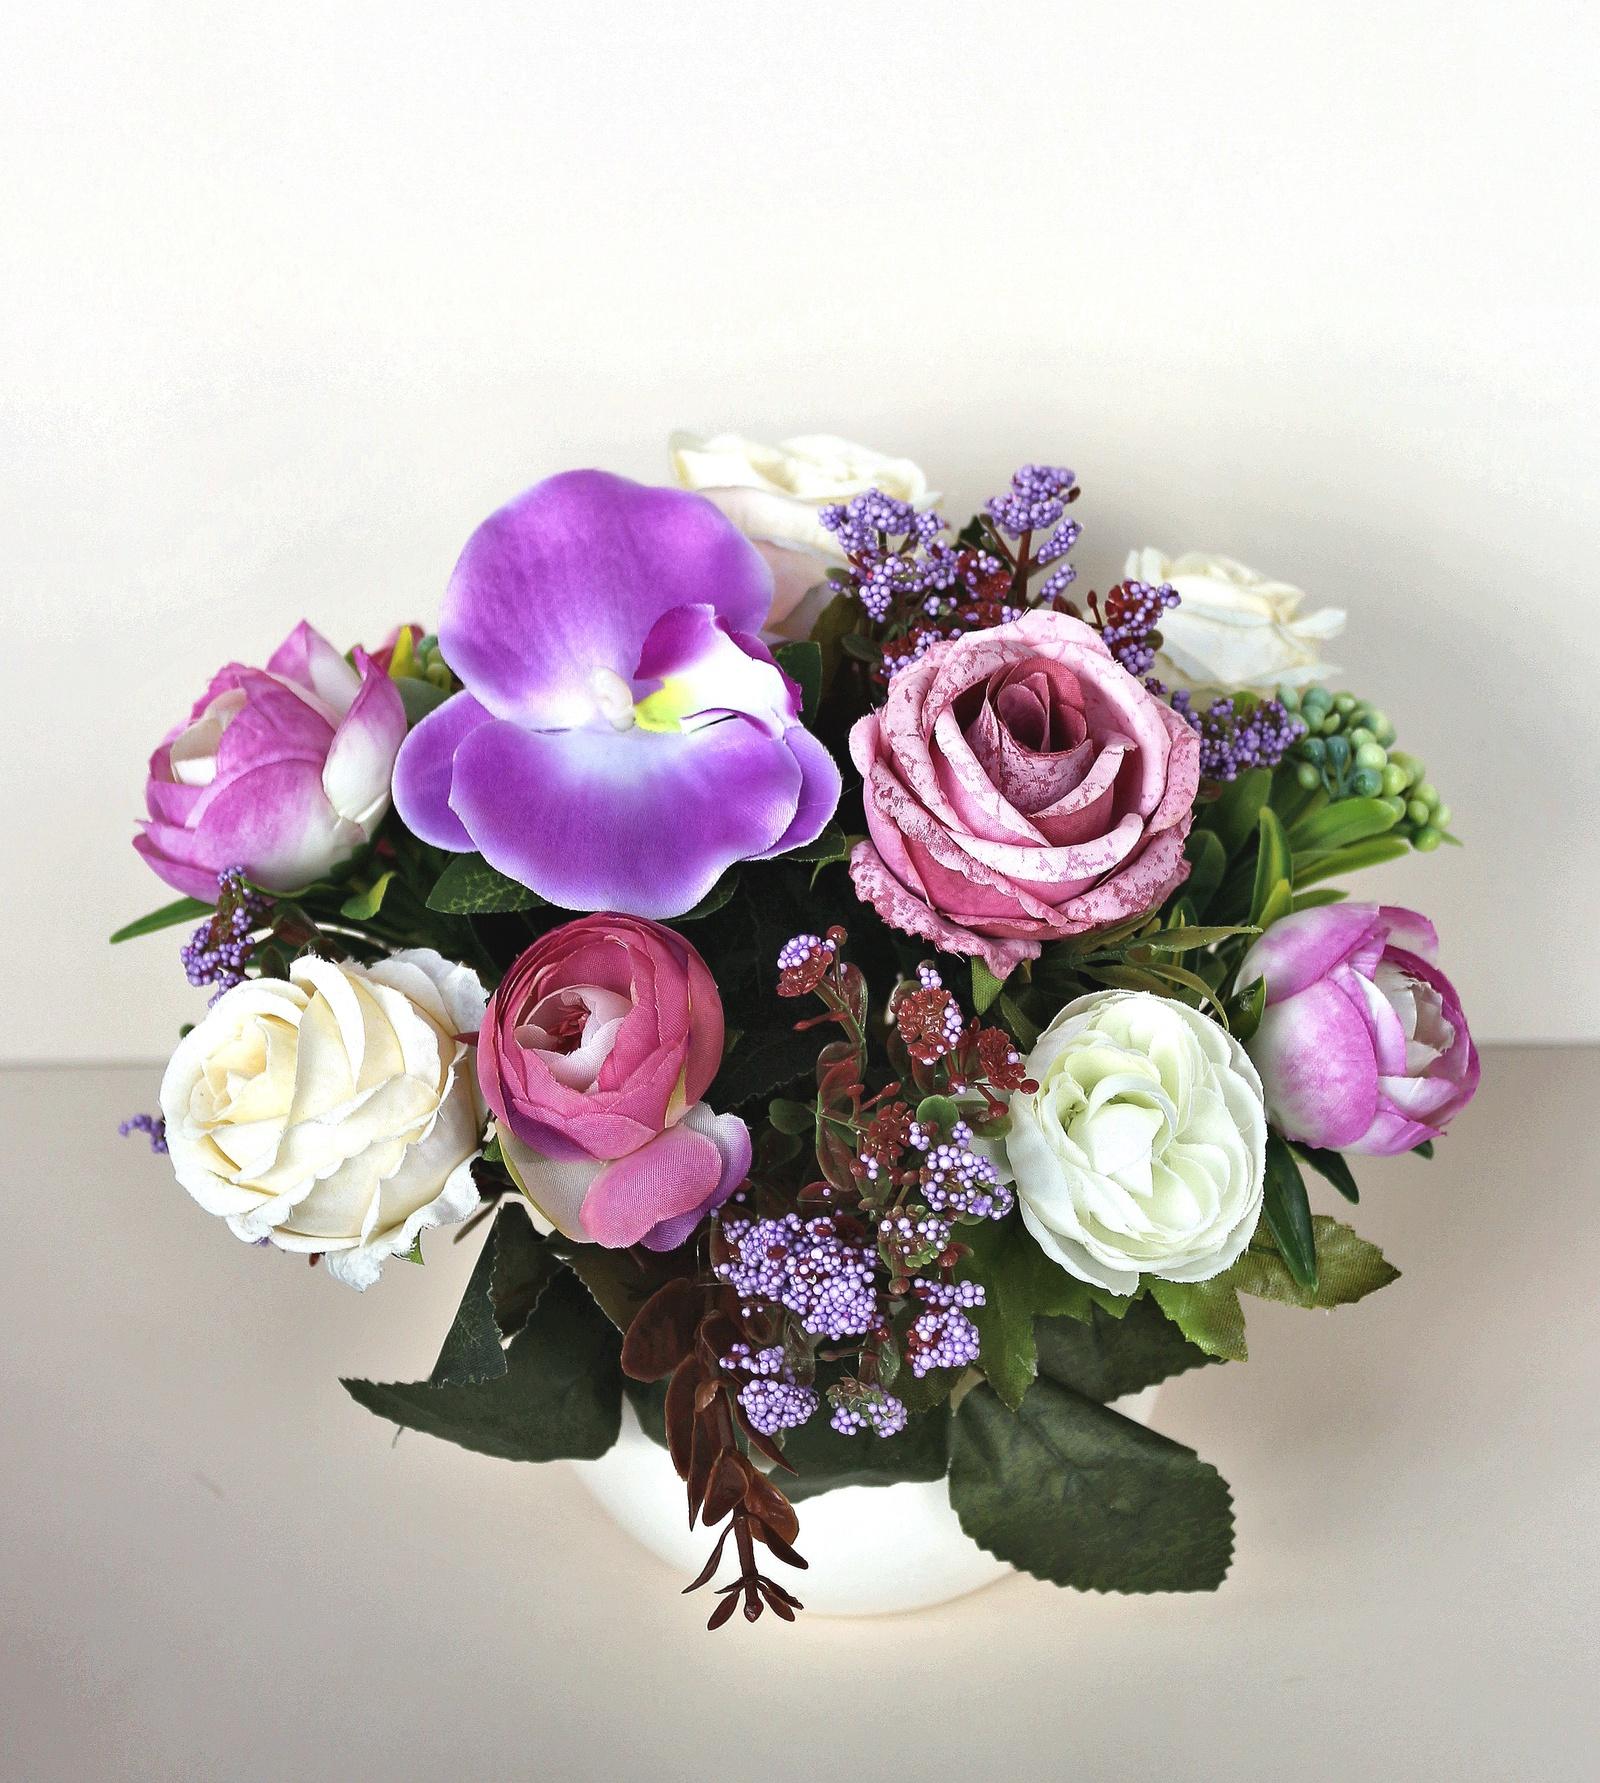 Искусственные цветы 403218, сиреневый emo 02 композиция из натуральных орхидей